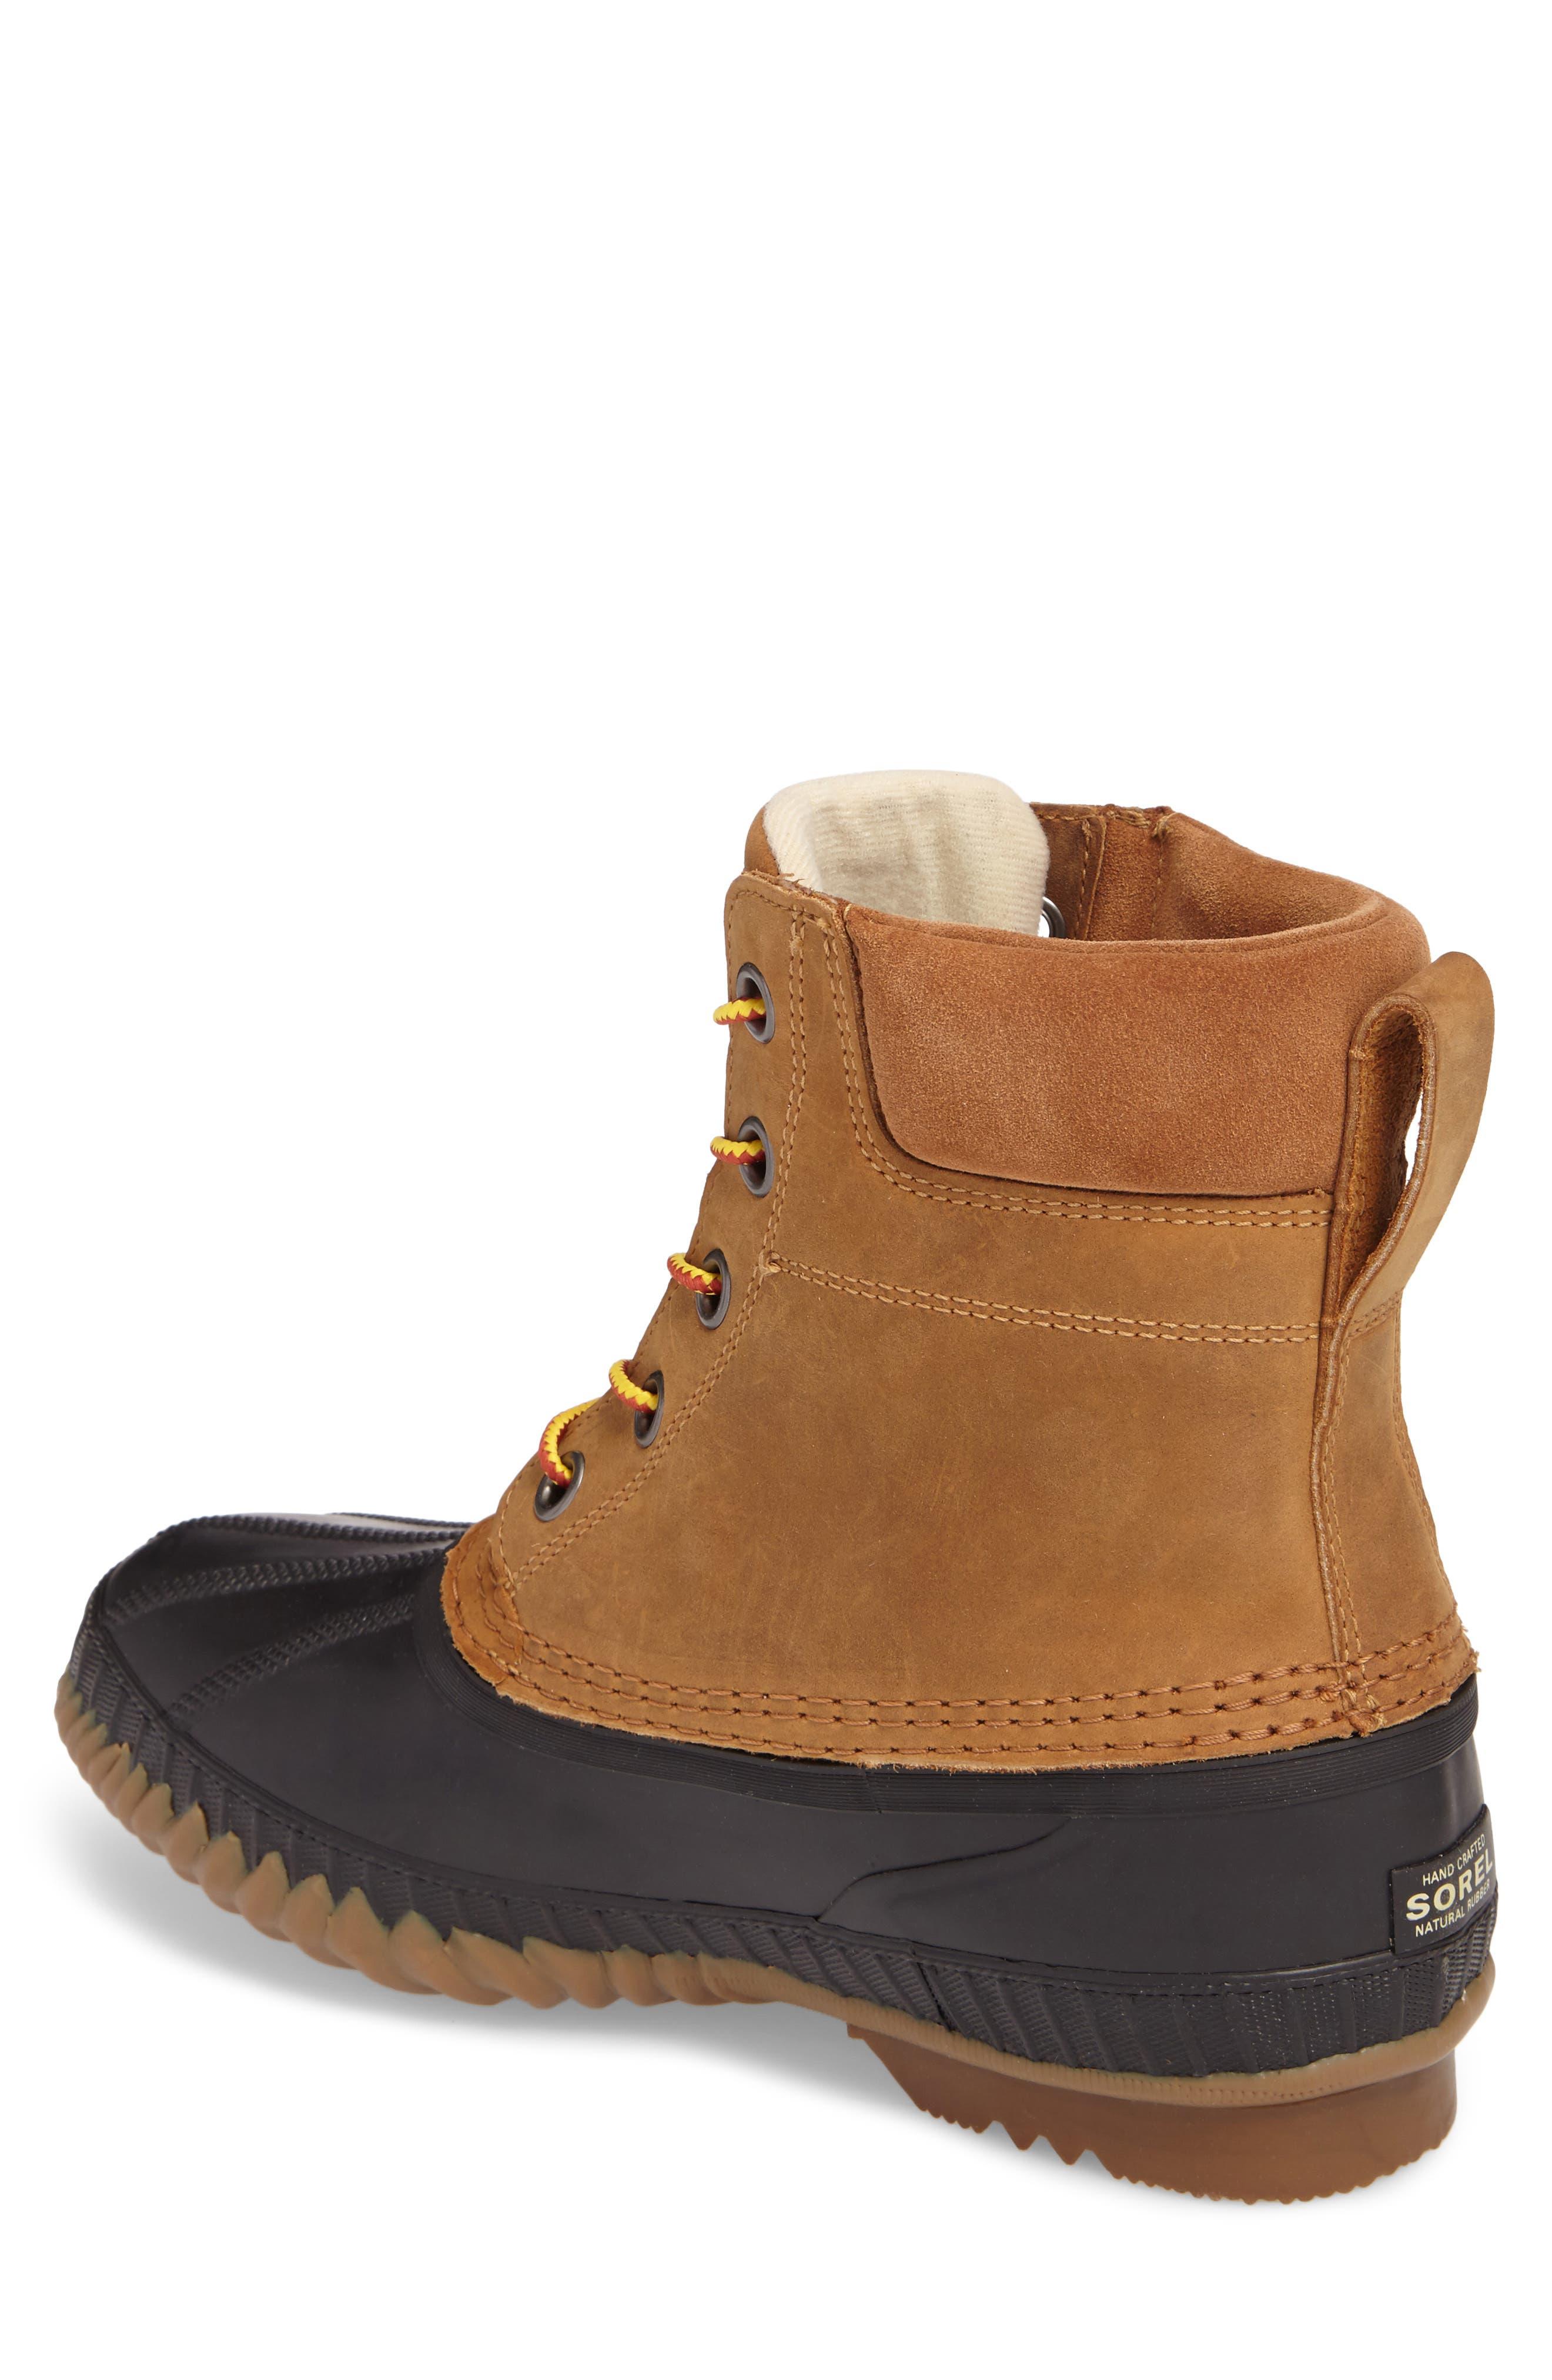 Cheyanne II Waterpoof Boot,                             Alternate thumbnail 2, color,                             Chipmunk